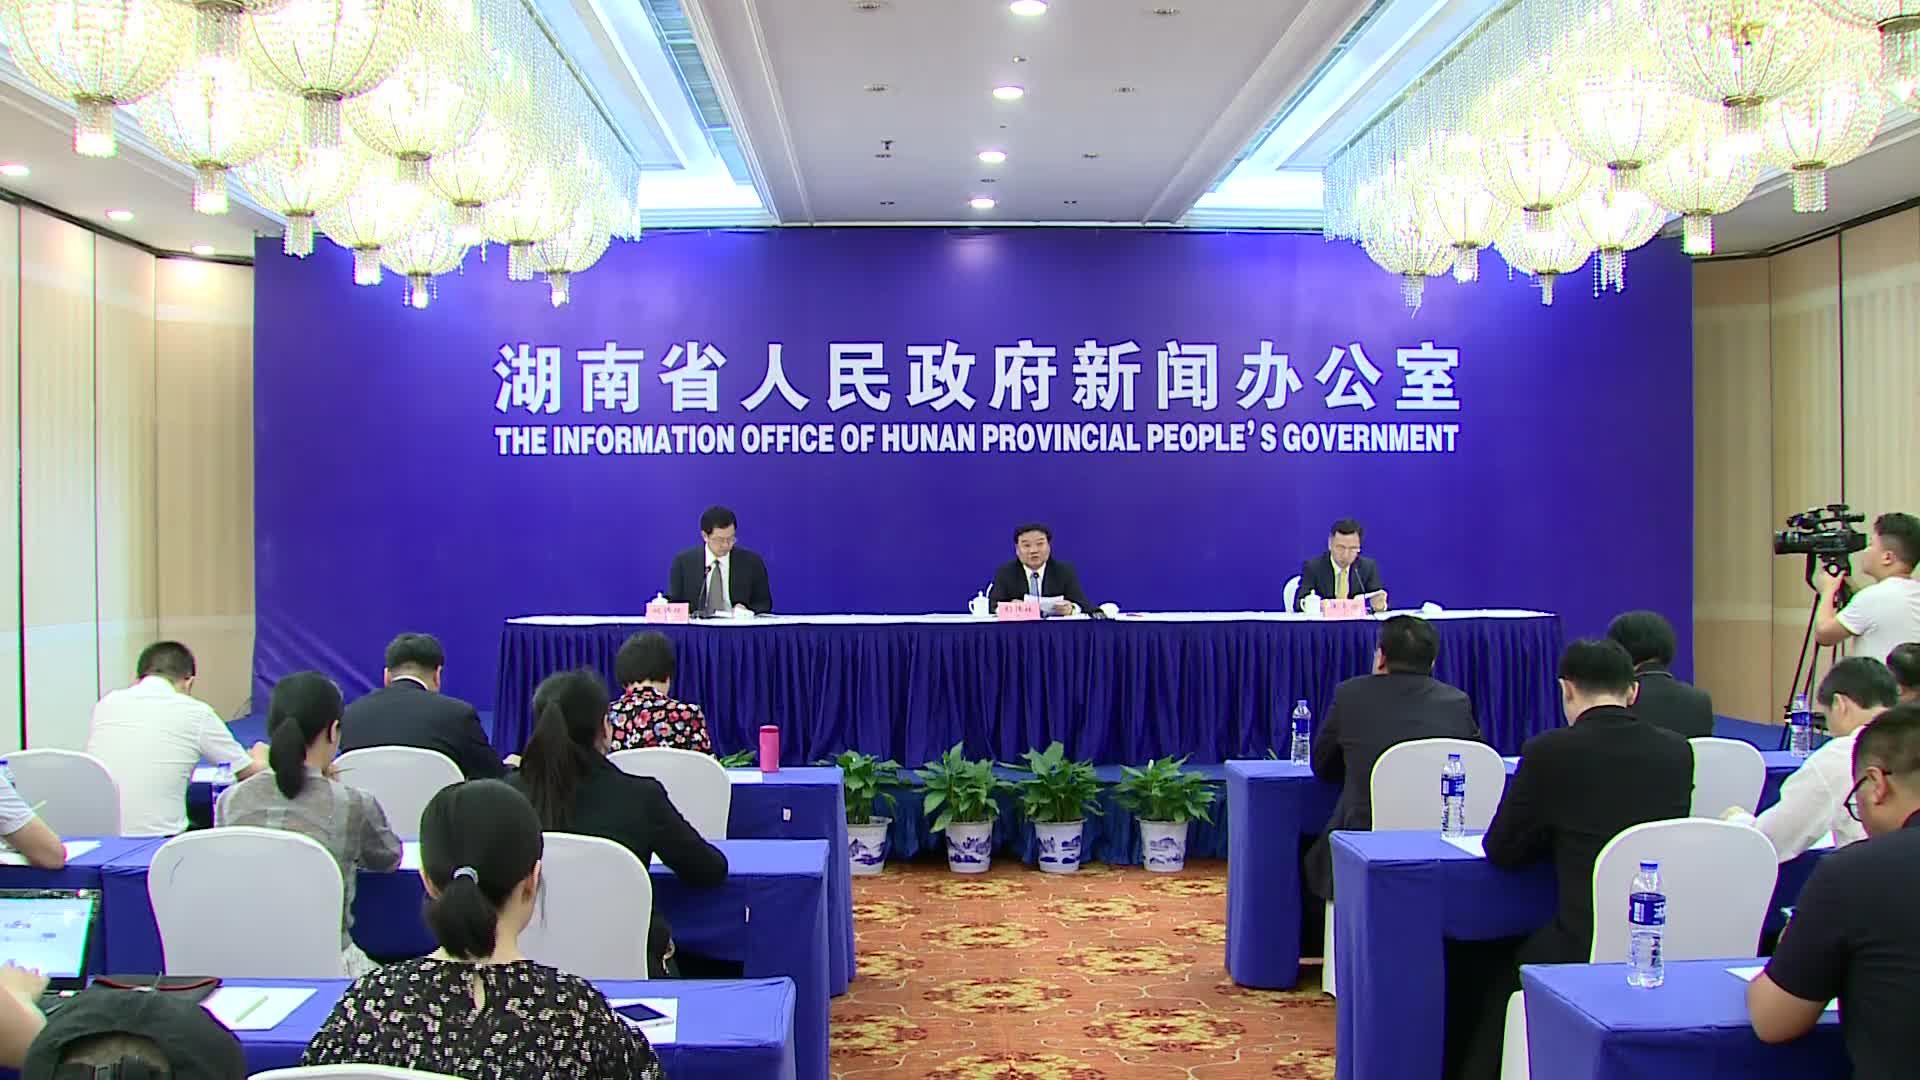 【全程回放】湖南省降费减负政策新闻发布会